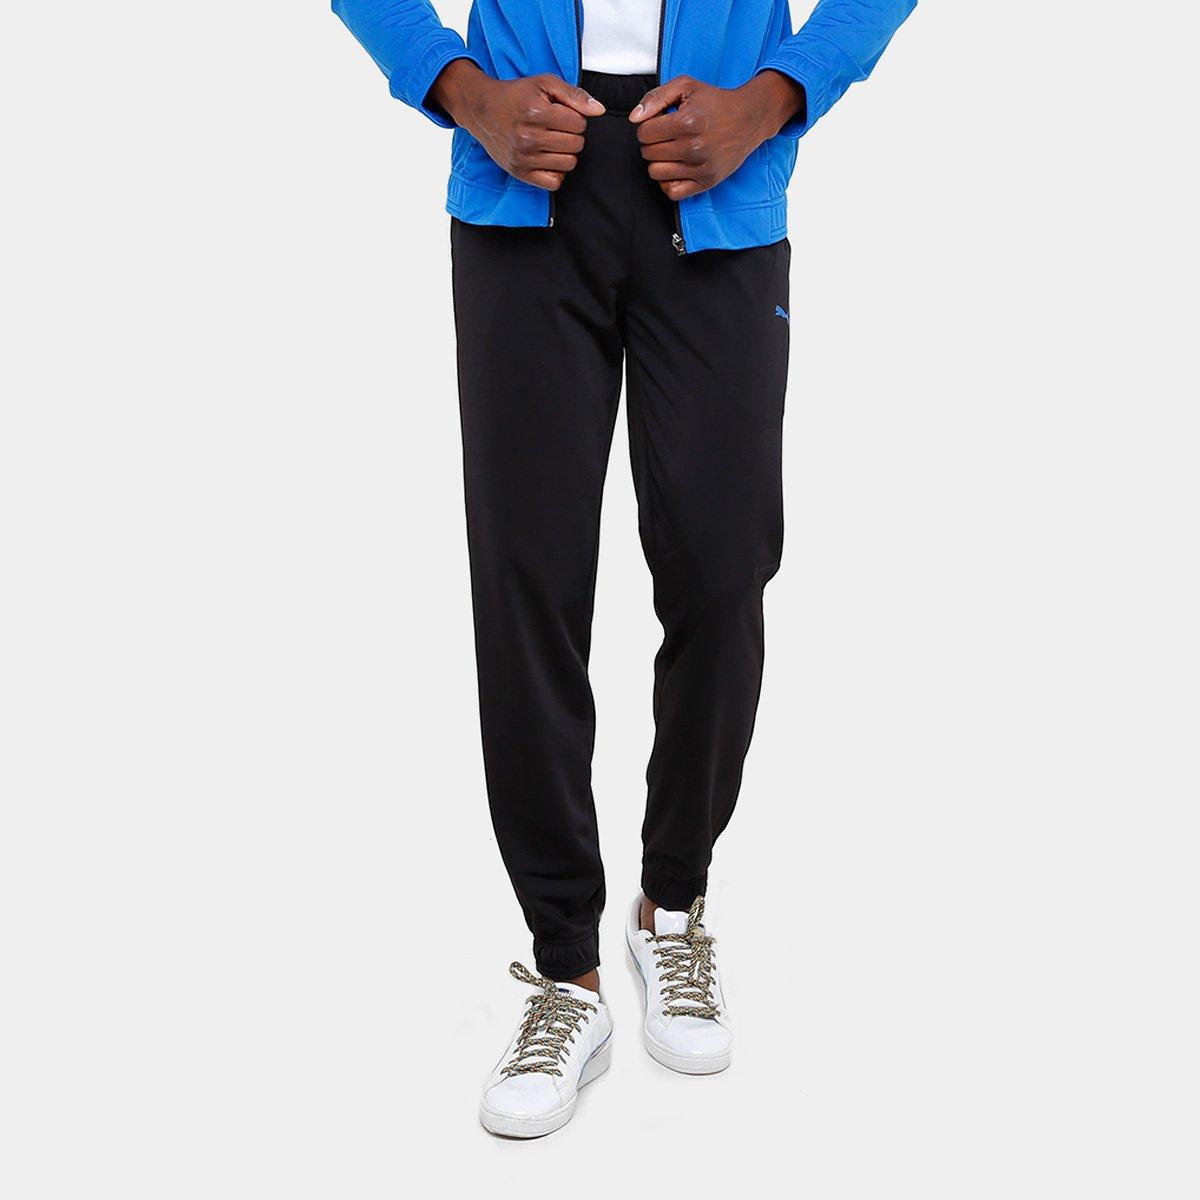 7f9d14b70f Agasalho Puma Rebel Tricot Suit Cl Masculino - Compre Agora